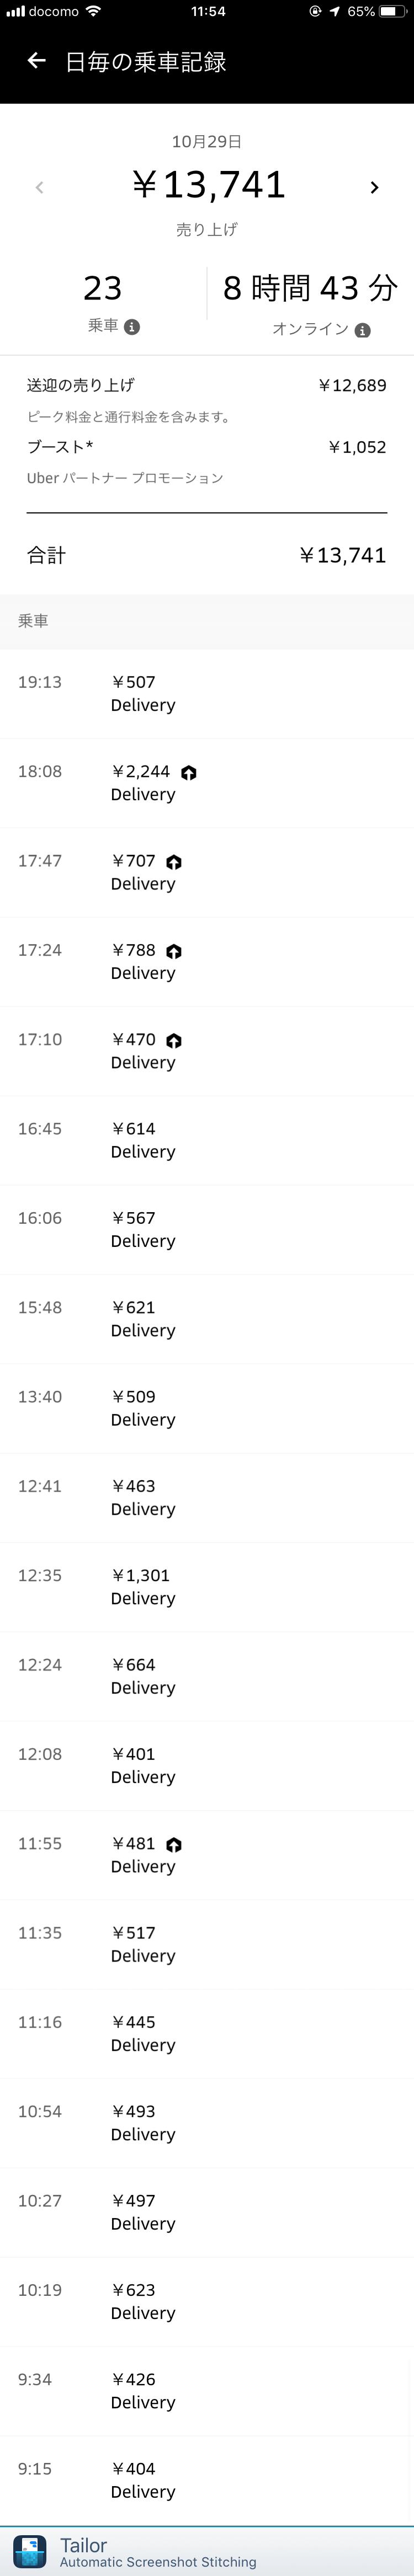 Uber Eats10月29日の配達数字